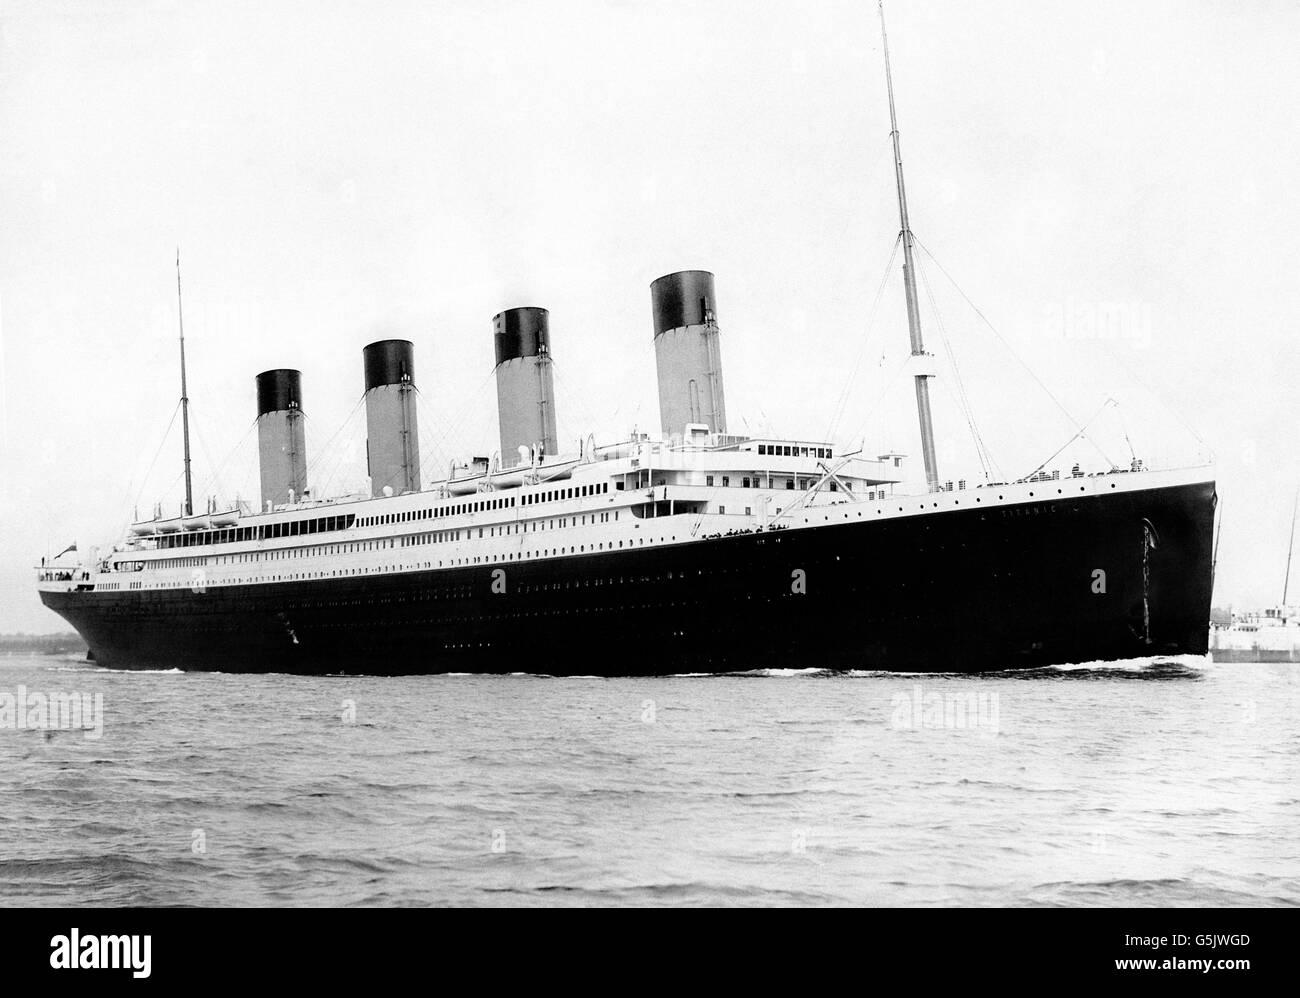 Titanic. Ship RMS Titanic departing Southampton on April 10,1912. Photo by F.G.O. Stuart - Stock Image